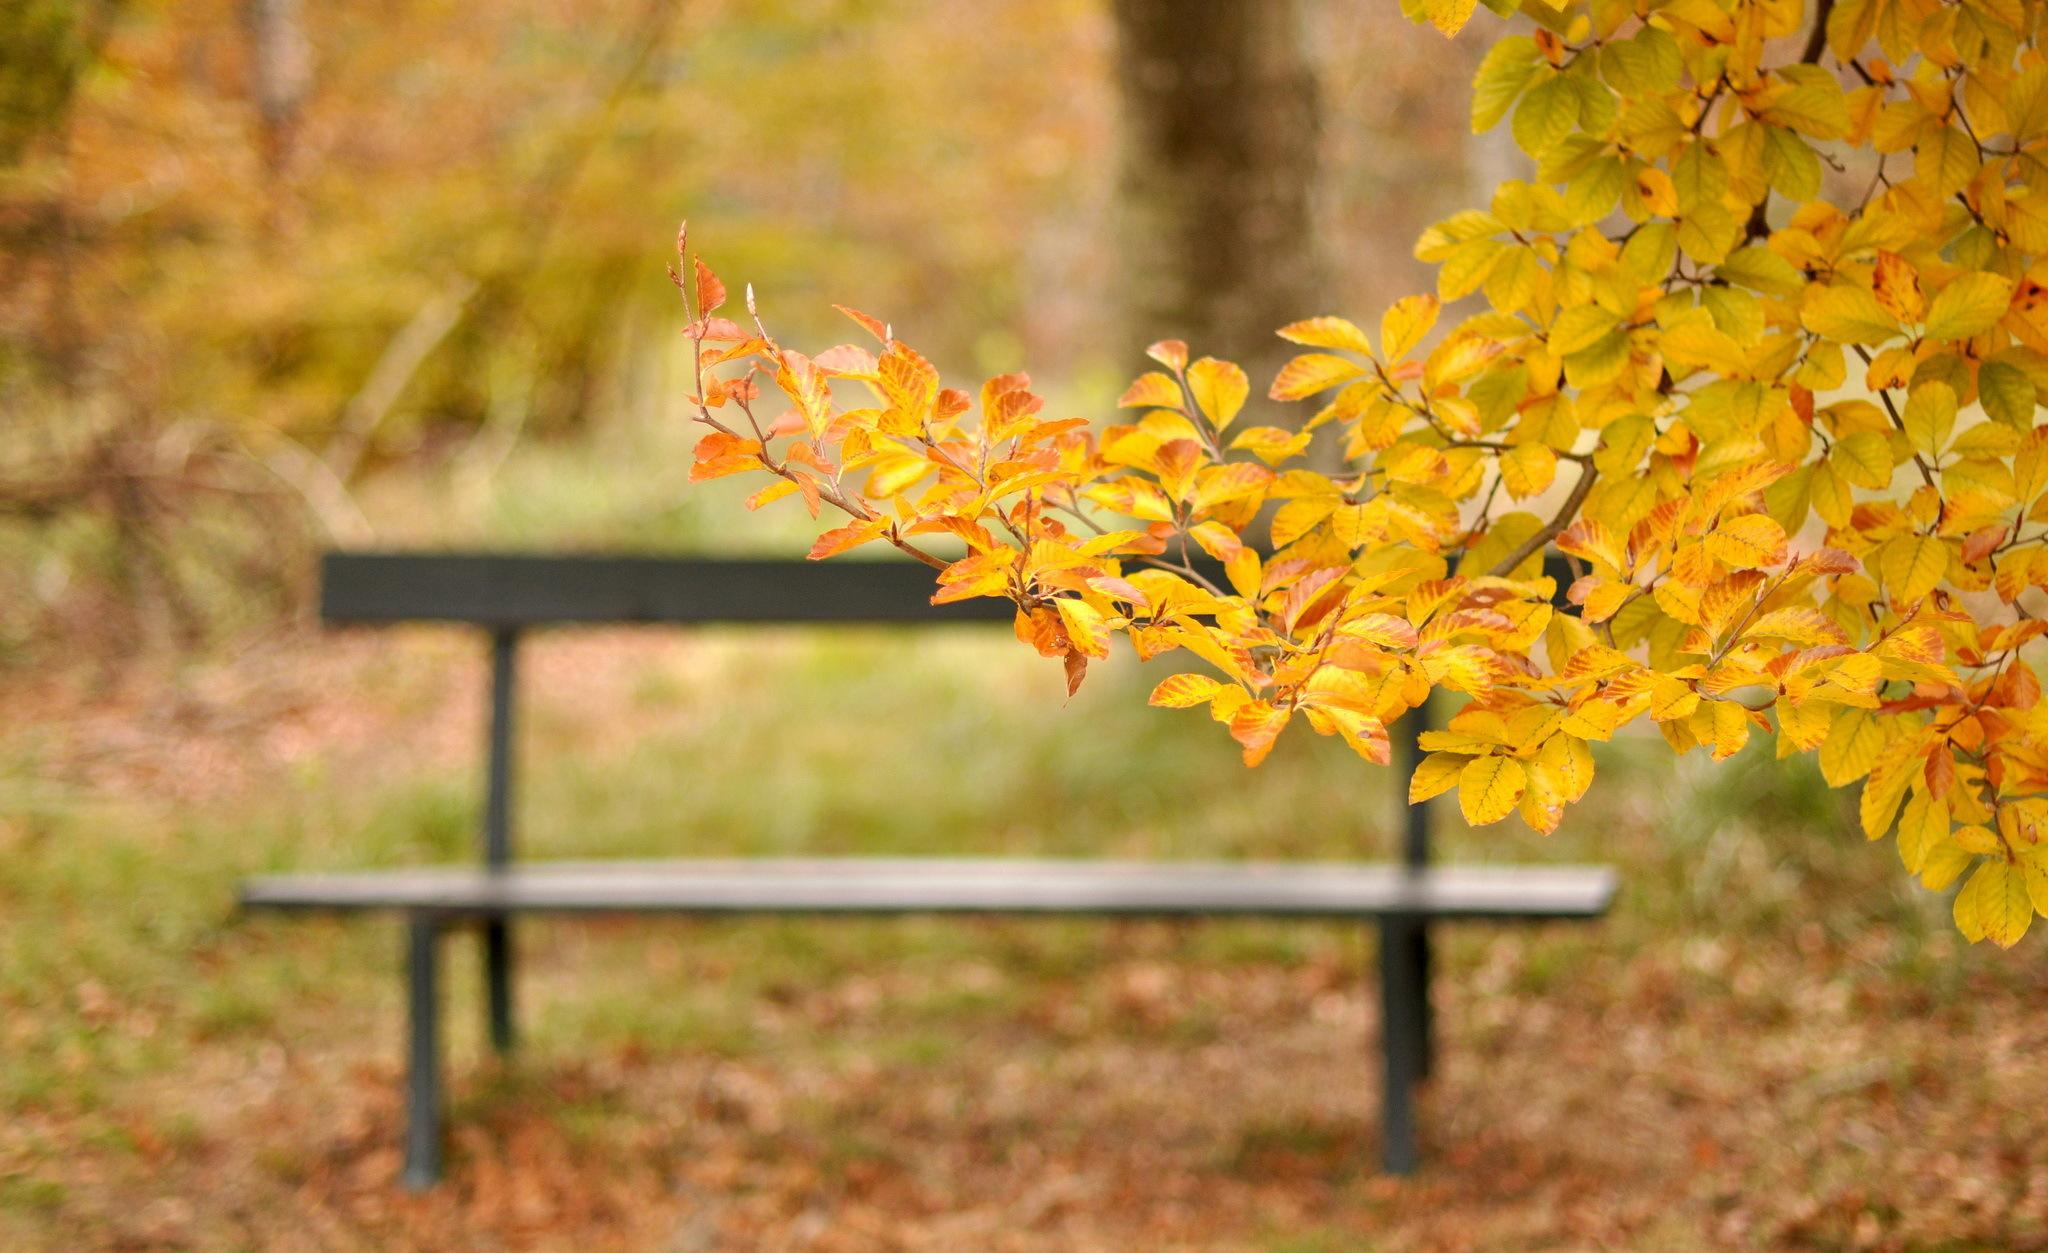 Осень листья лавка стол  № 3187498 без смс